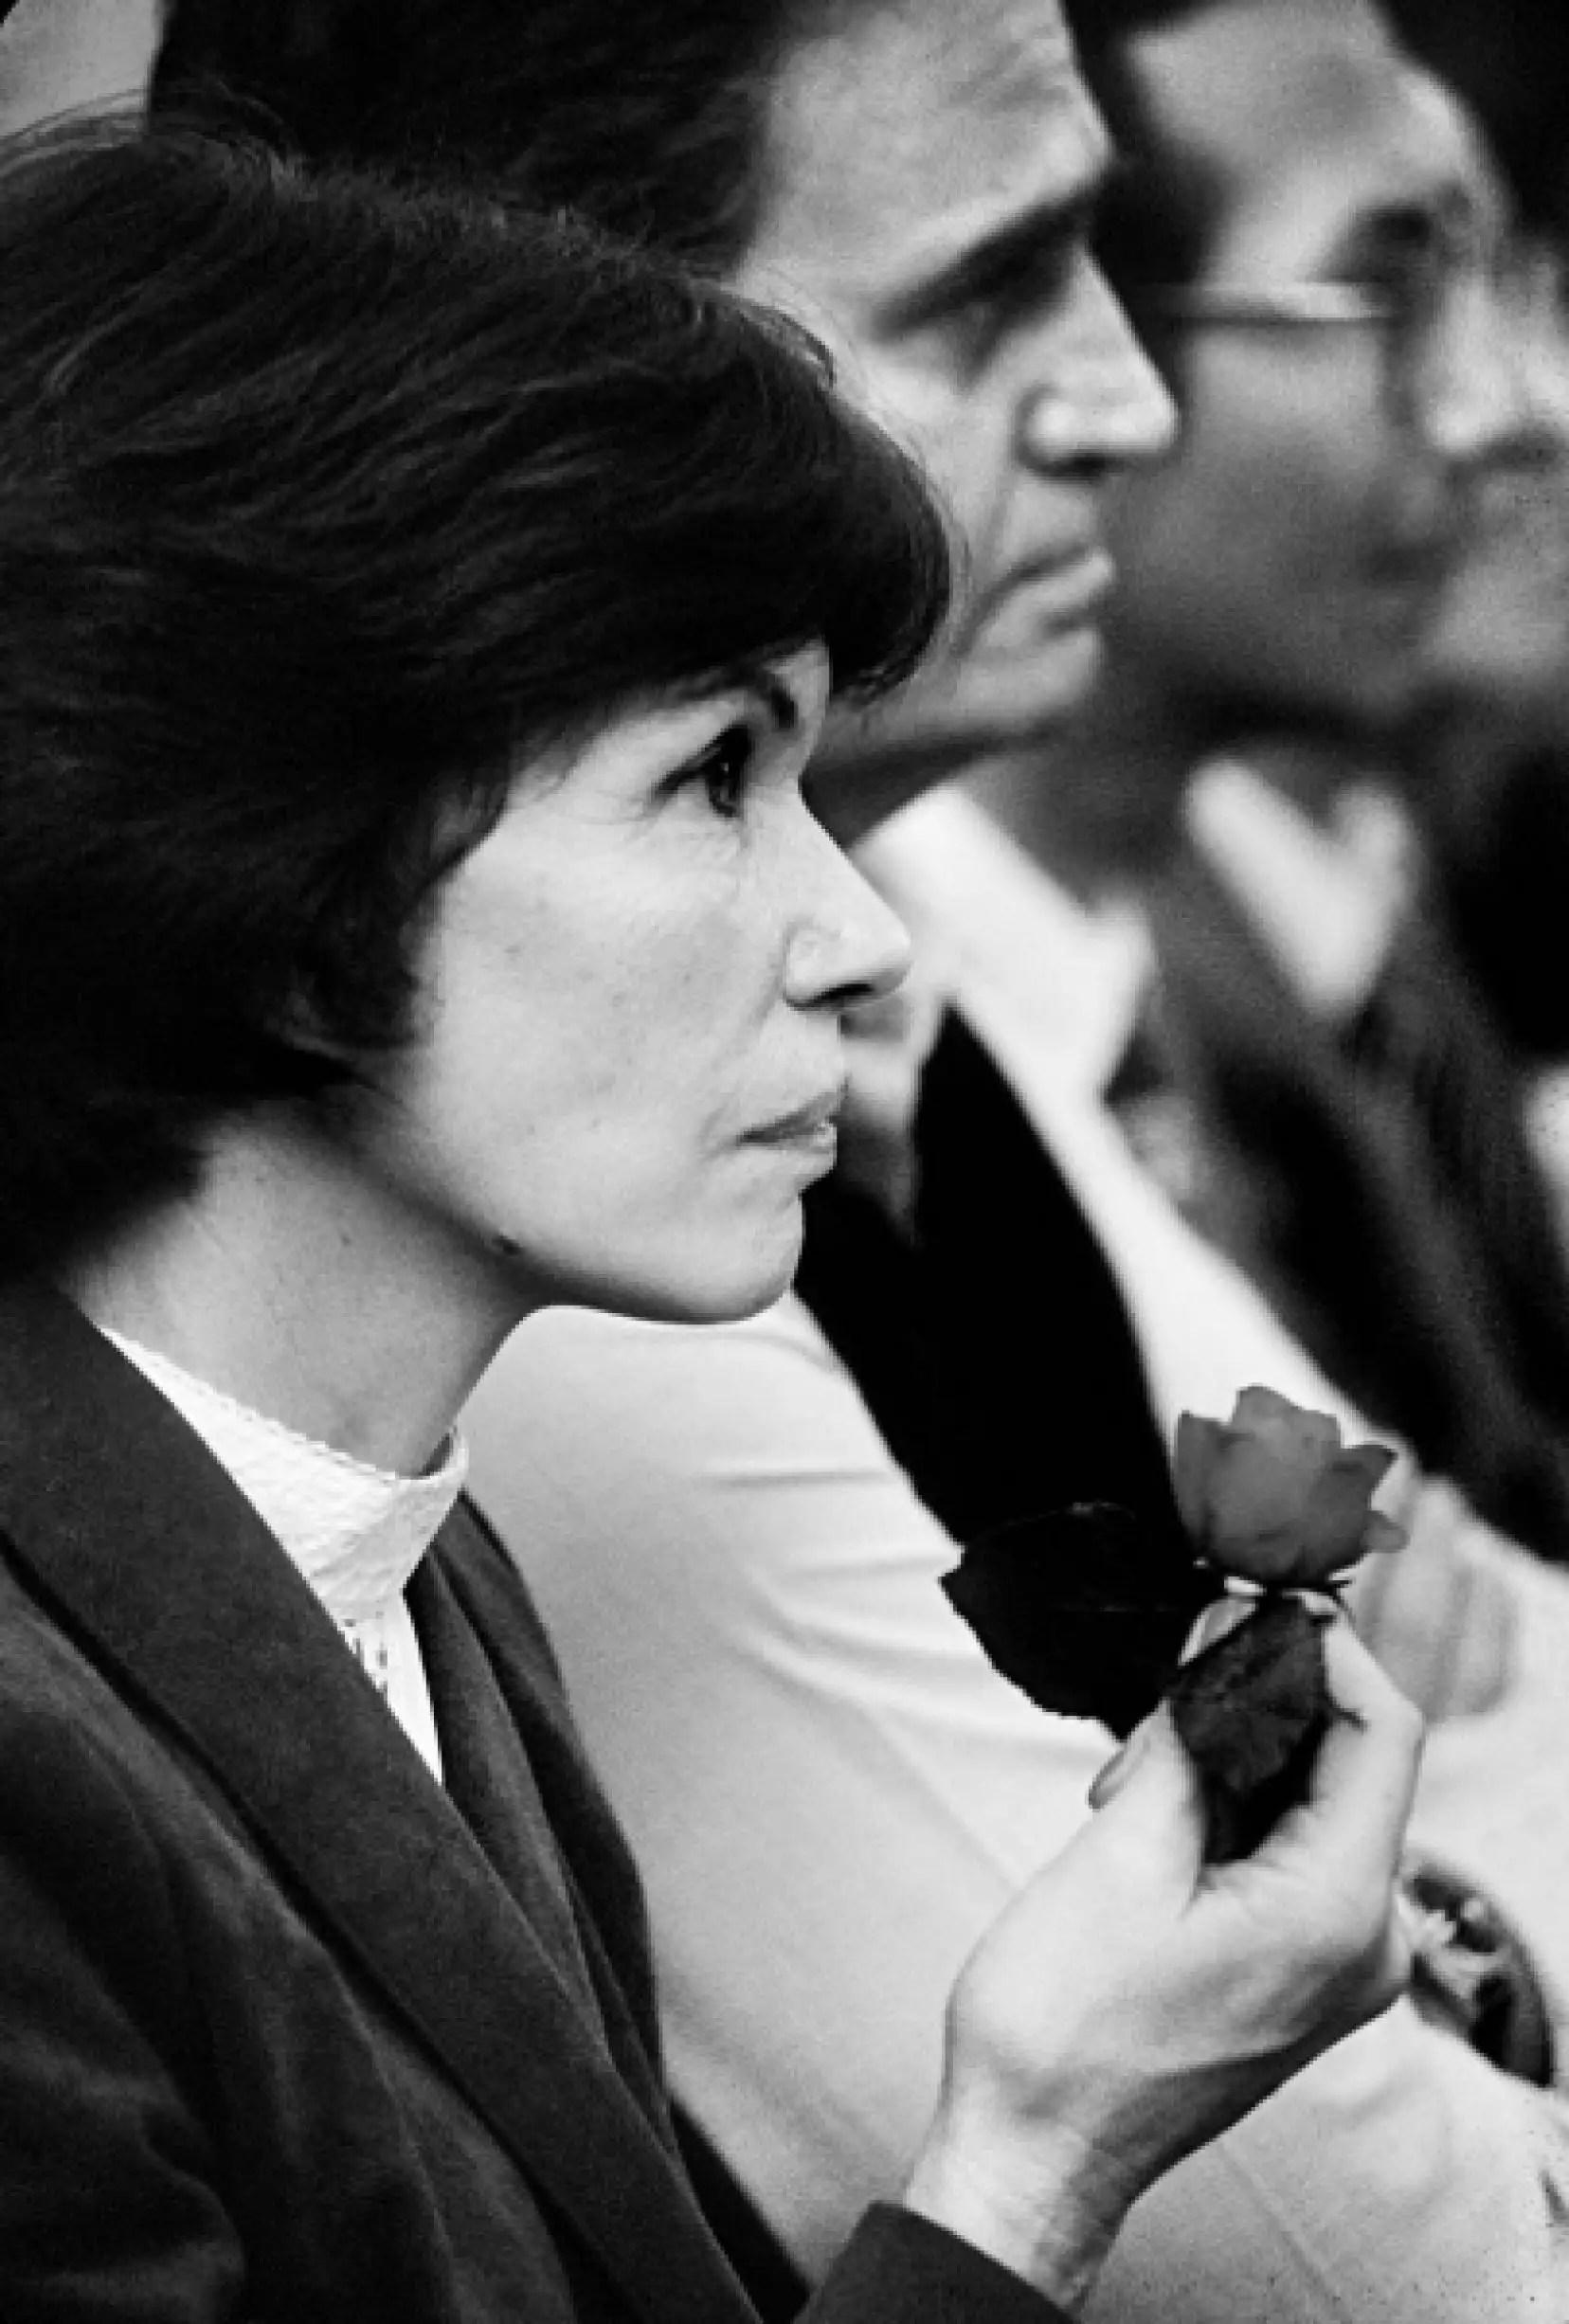 Danielle Mitterrand Et Son Amant : danielle, mitterrand, amant, Danielle, Mitterrand, Itinéraire, D'une, Femme, Engagée, Devoir